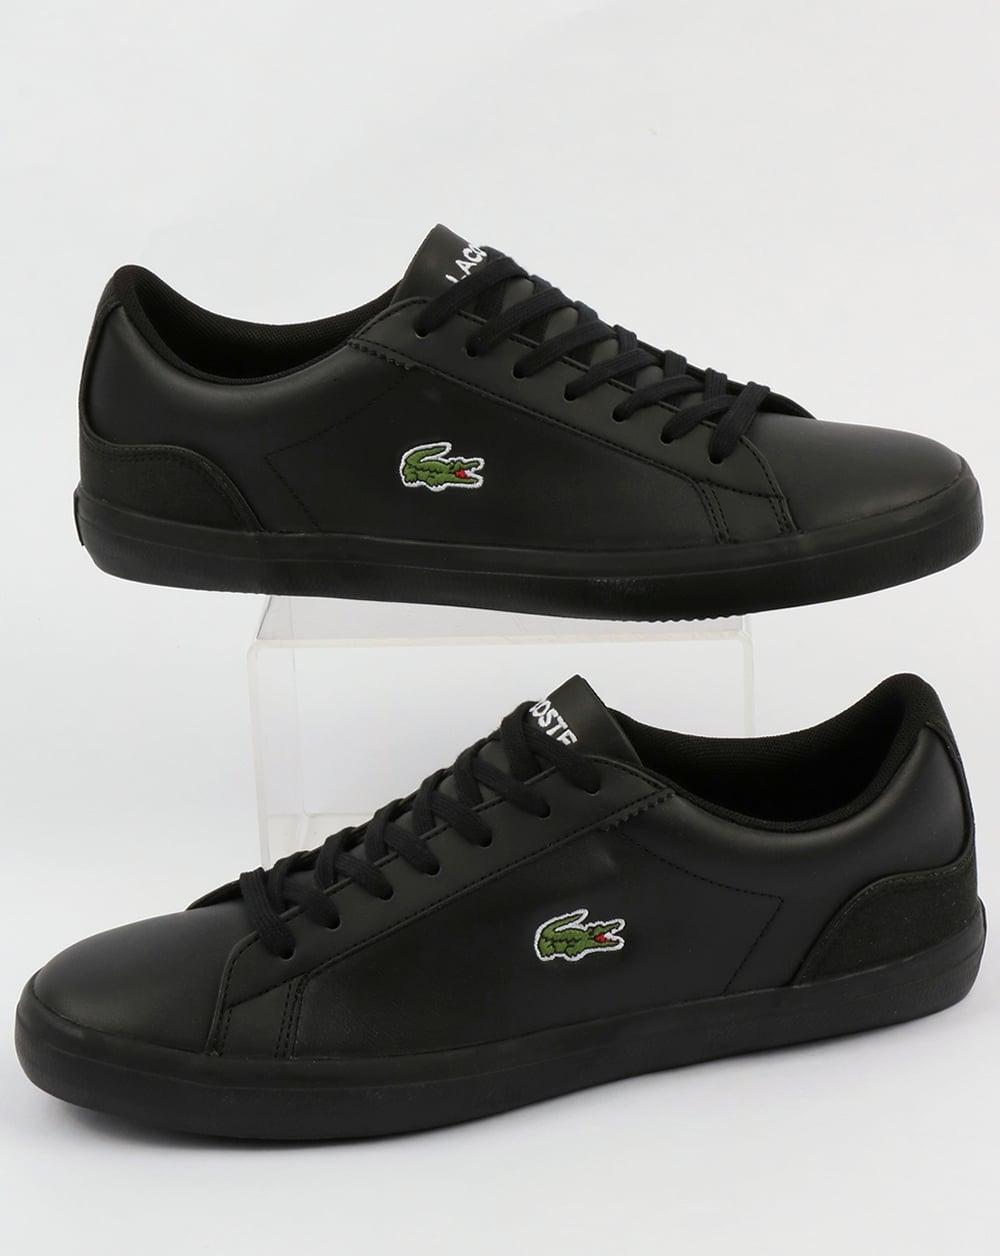 8b023884068223 Lacoste Lacoste Footwear Lerond Trainers Black